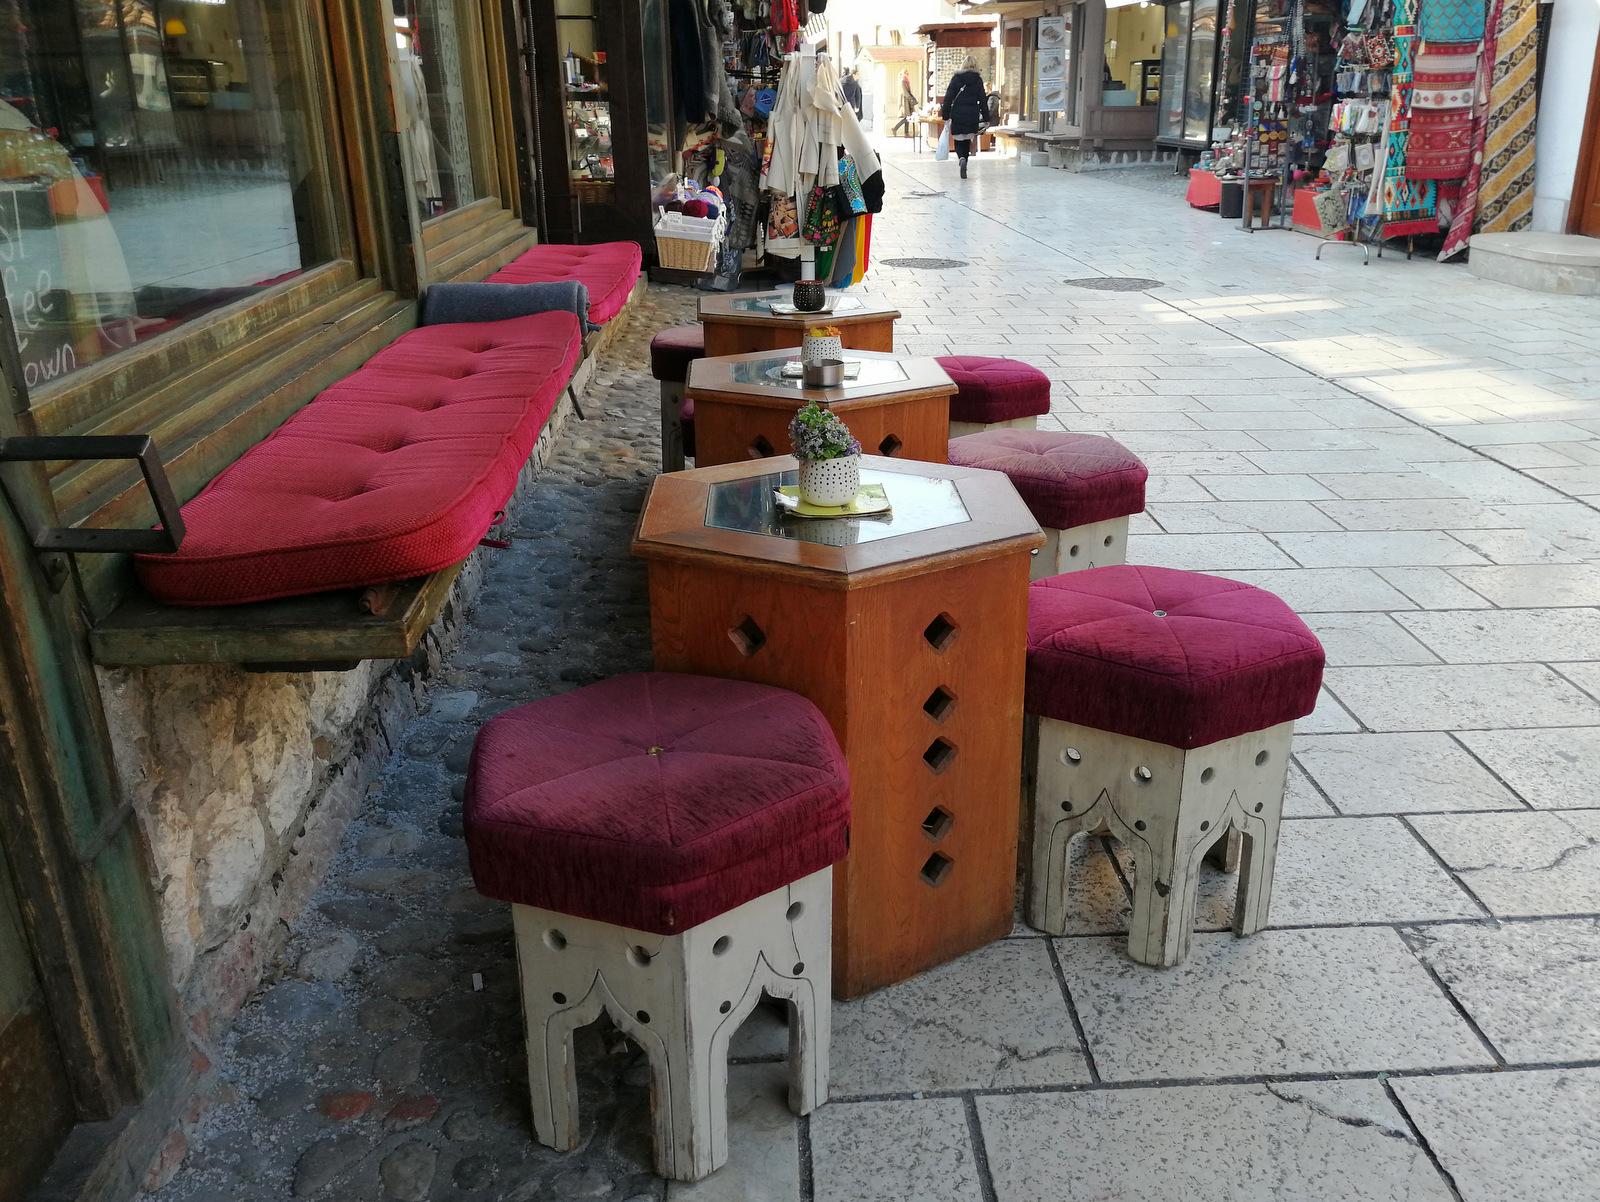 Sarajevo, Bosna in HercegovinaSarajevo kava